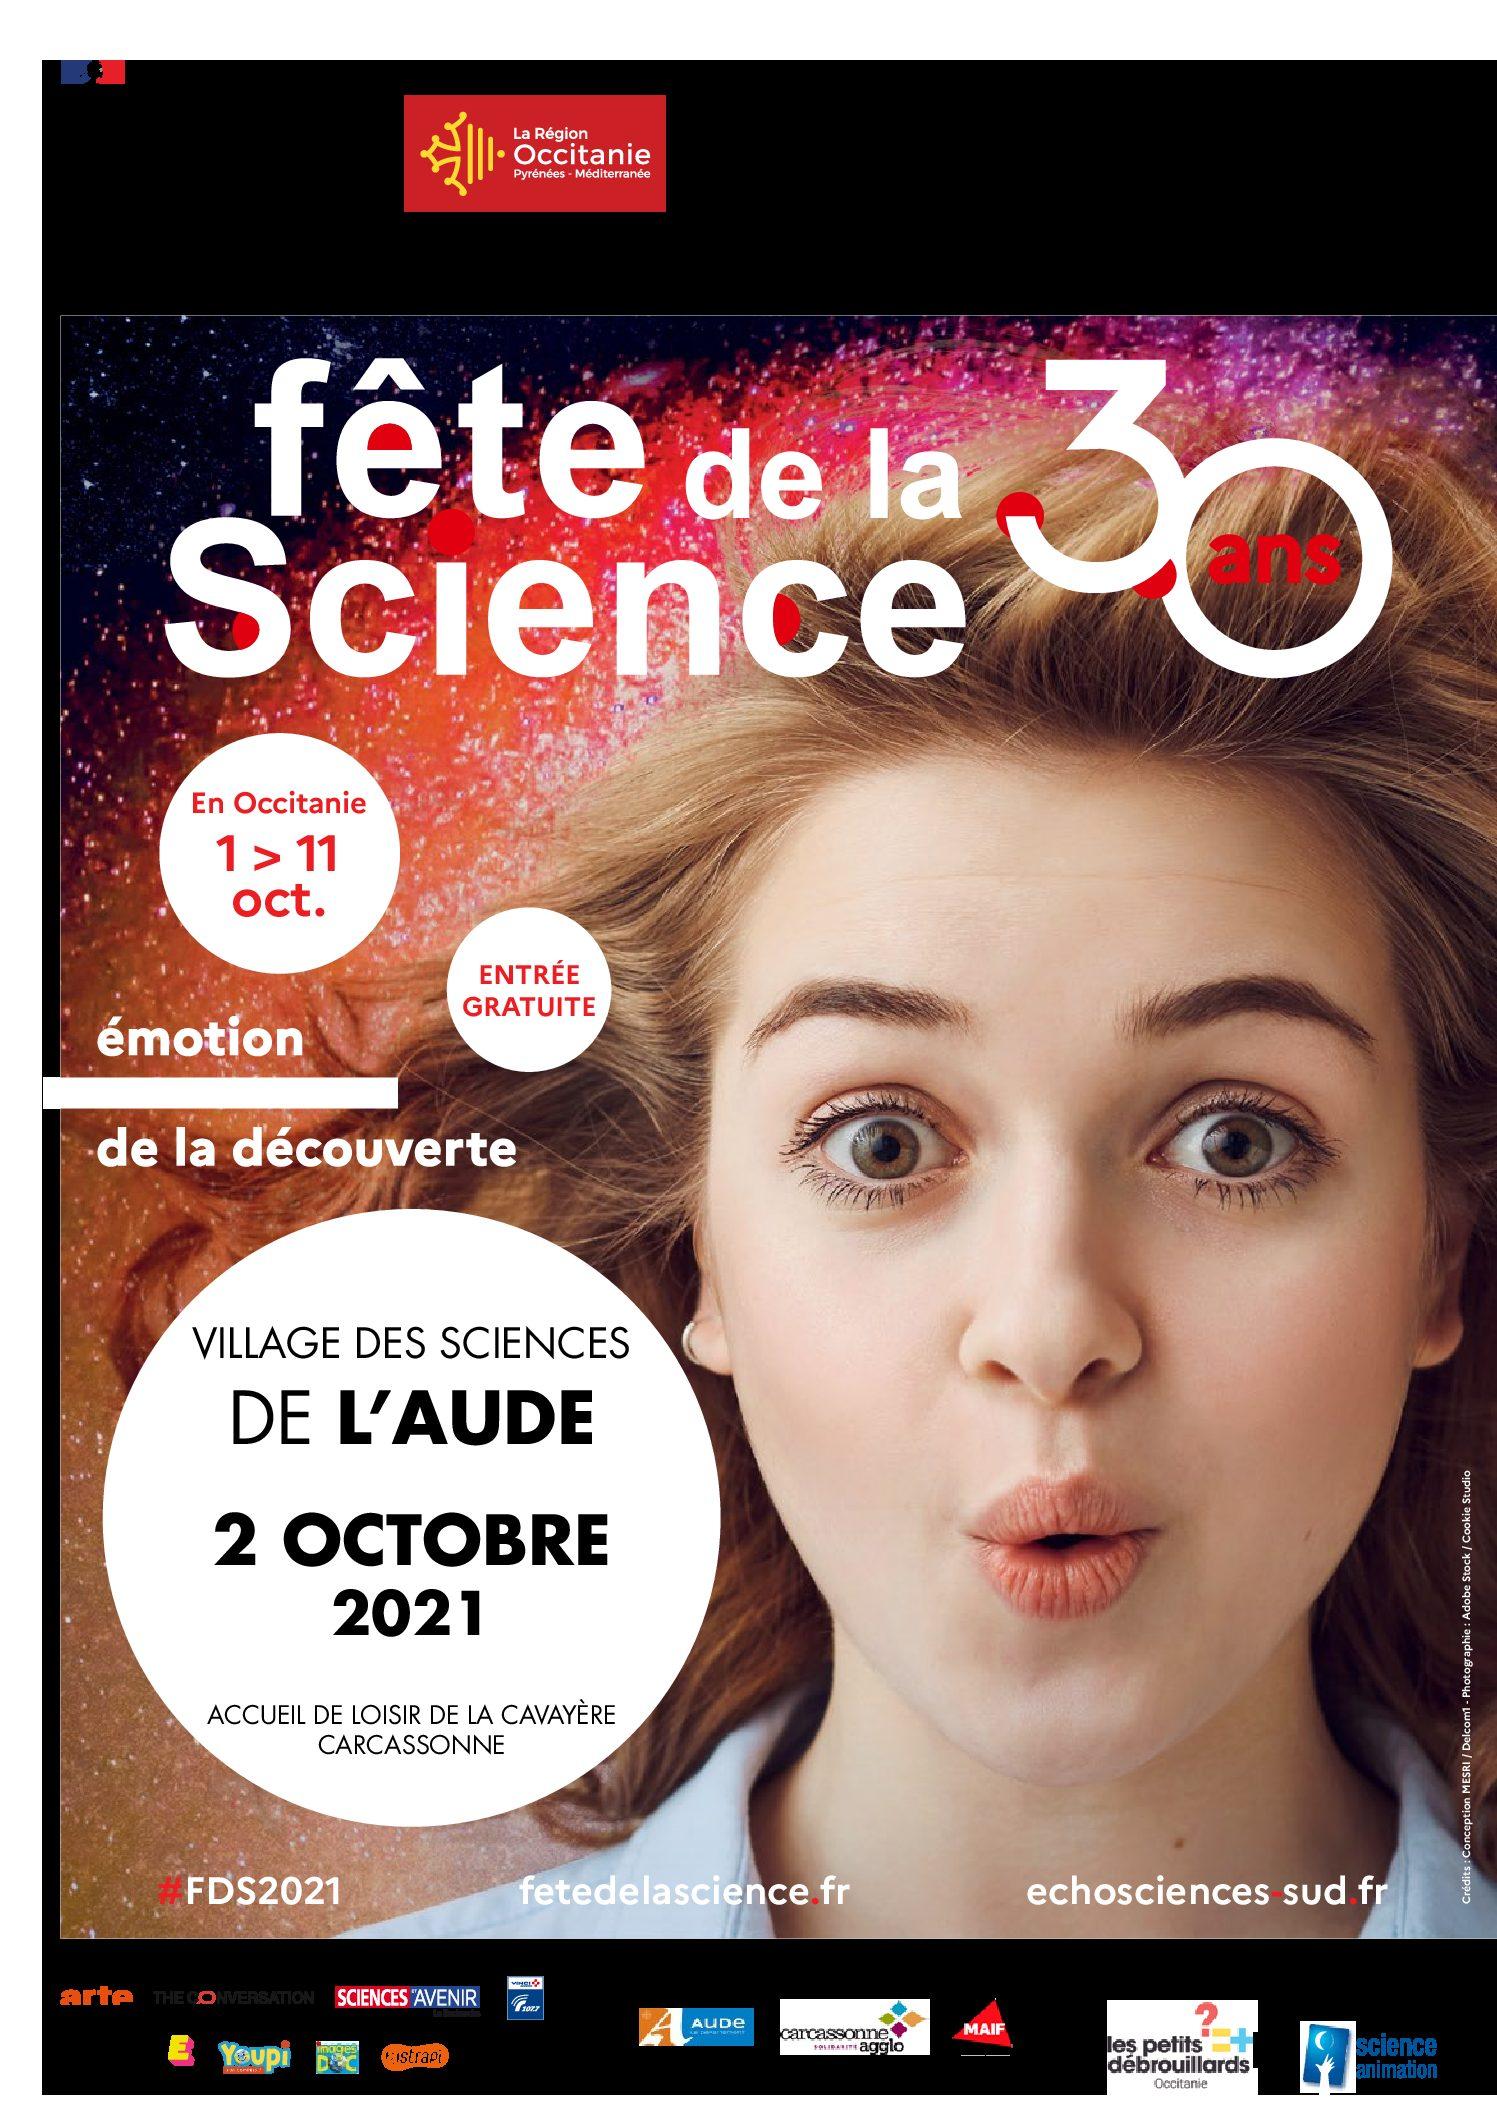 C'est la fête de la science dans l'Aude